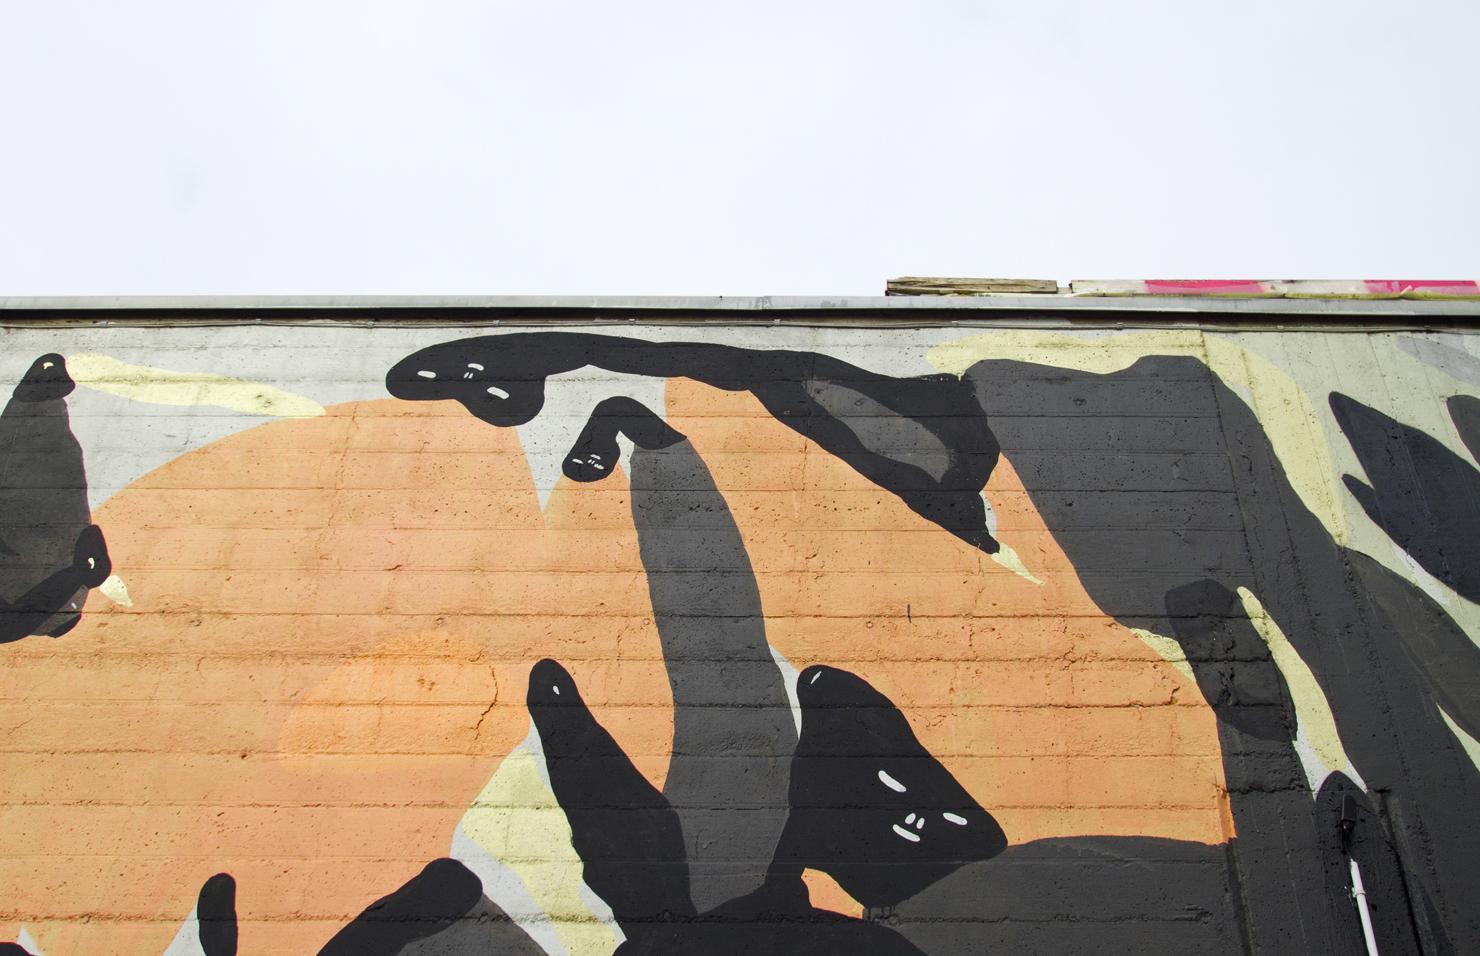 giorgio-bartocci-new-mural-in-monza-05